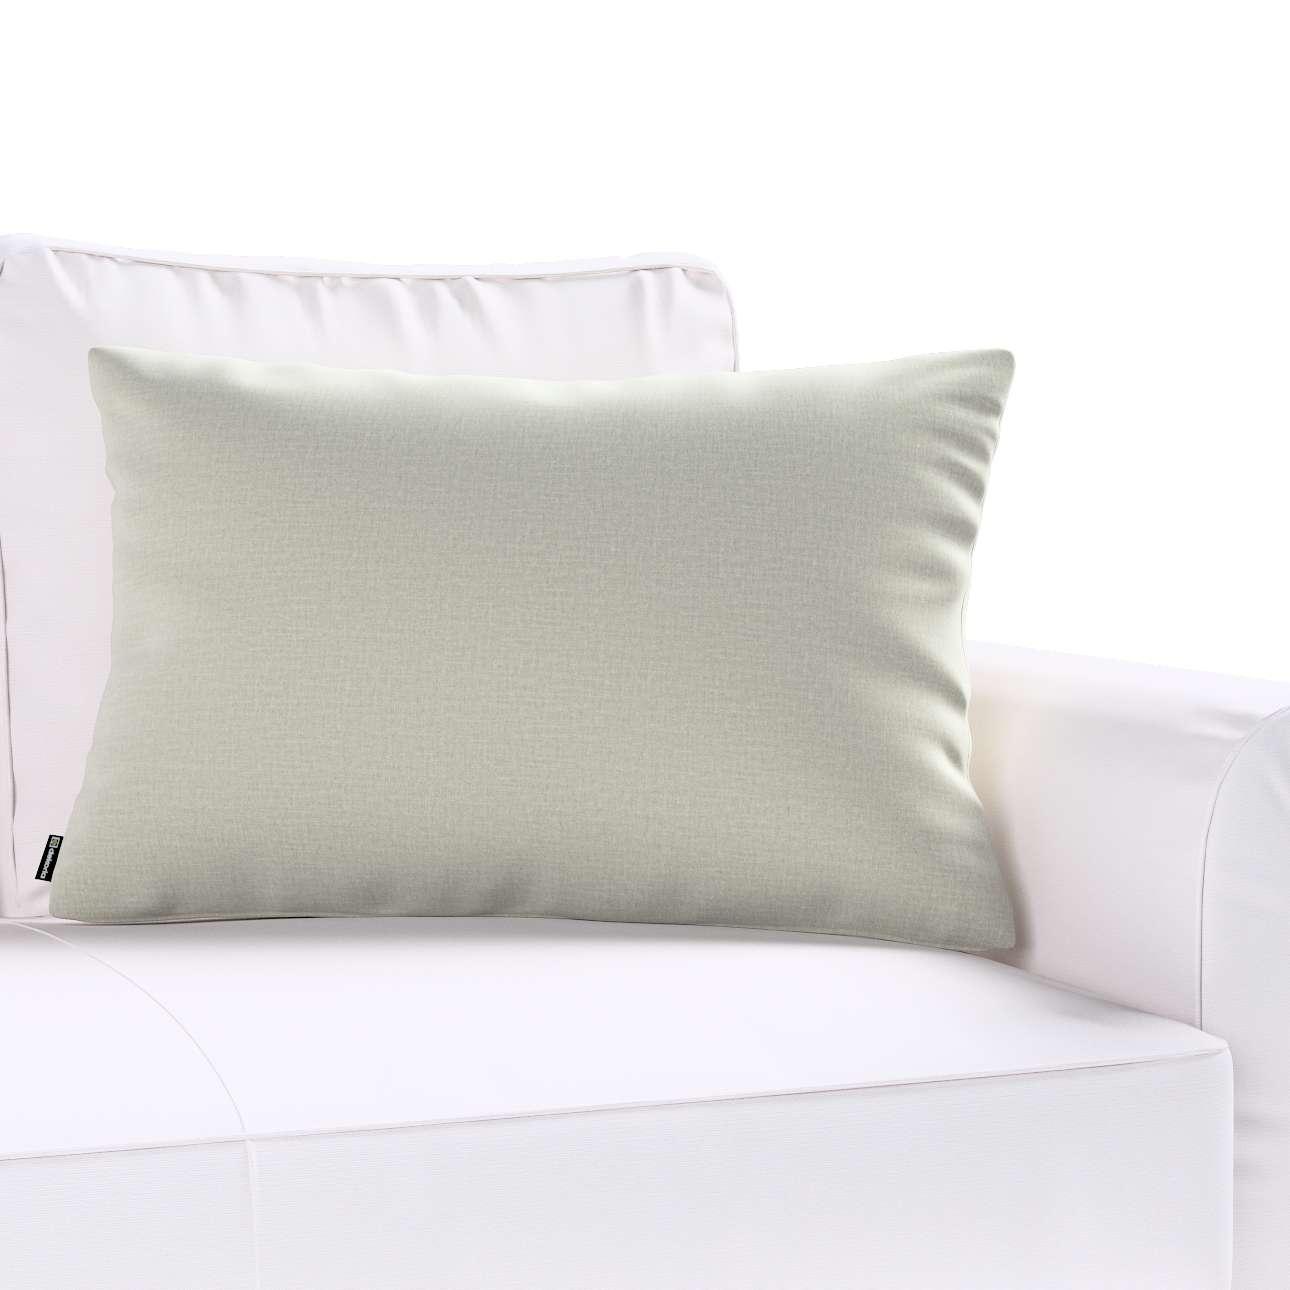 Poszewka Kinga na poduszkę prostokątną w kolekcji Ingrid, tkanina: 705-41